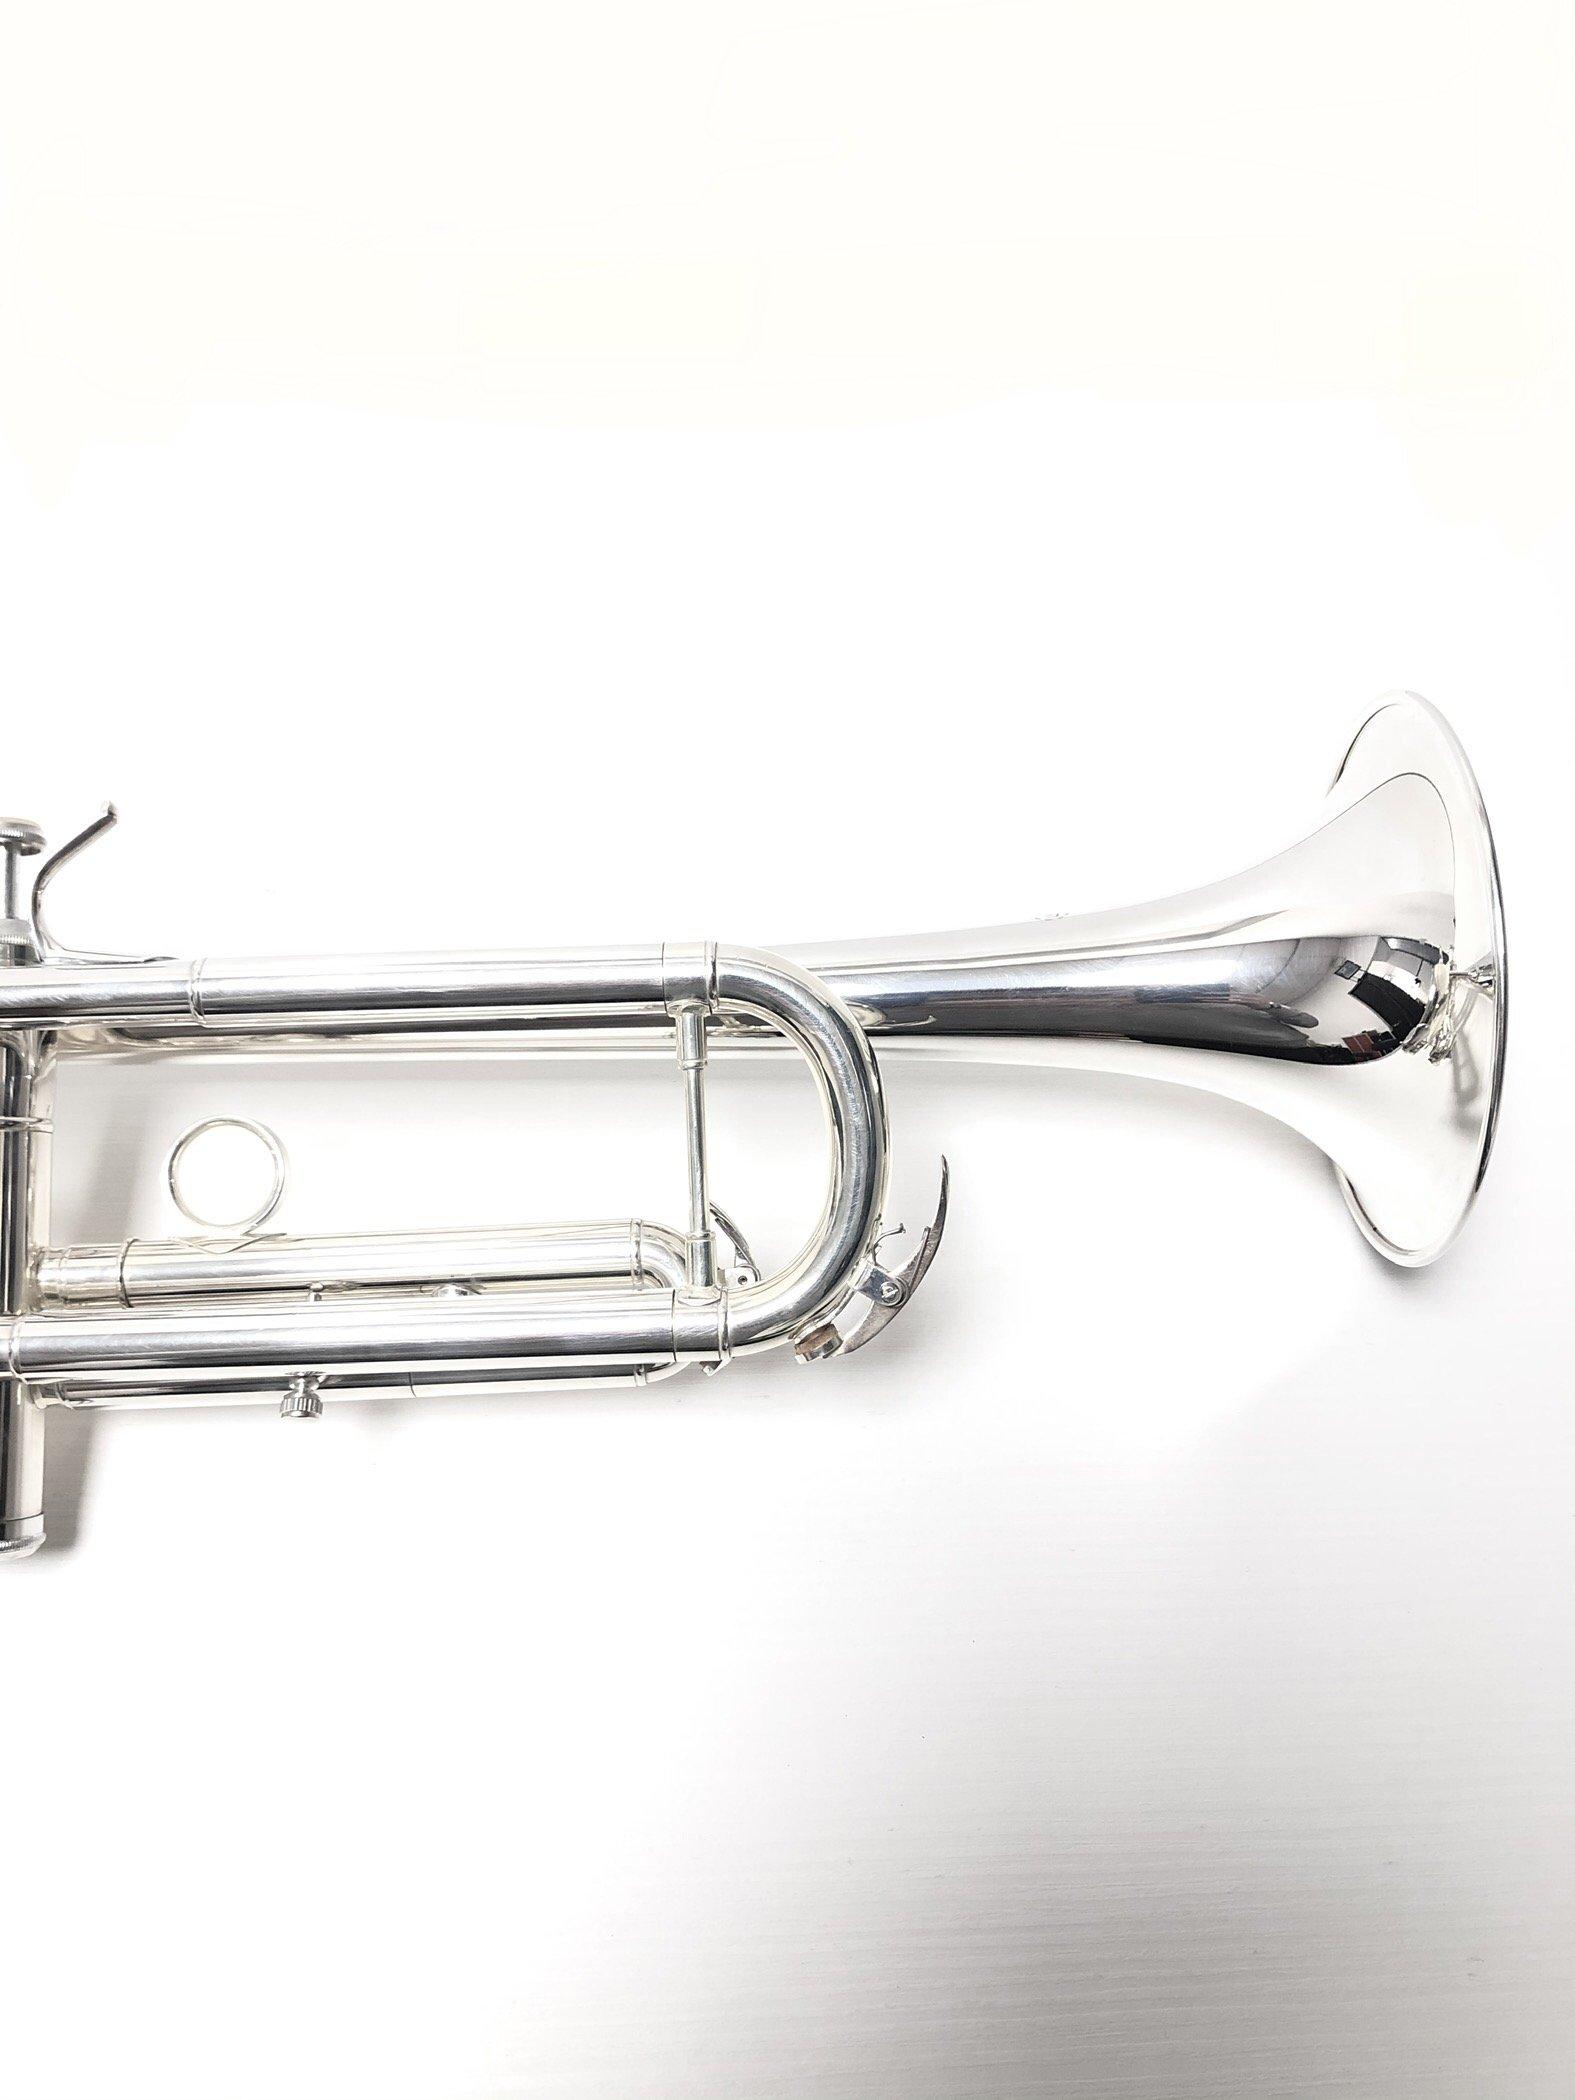 """6020 - Tromba Sib. L.A.RIPAMONTI """"MASTER"""" Argentata testa per galleria"""